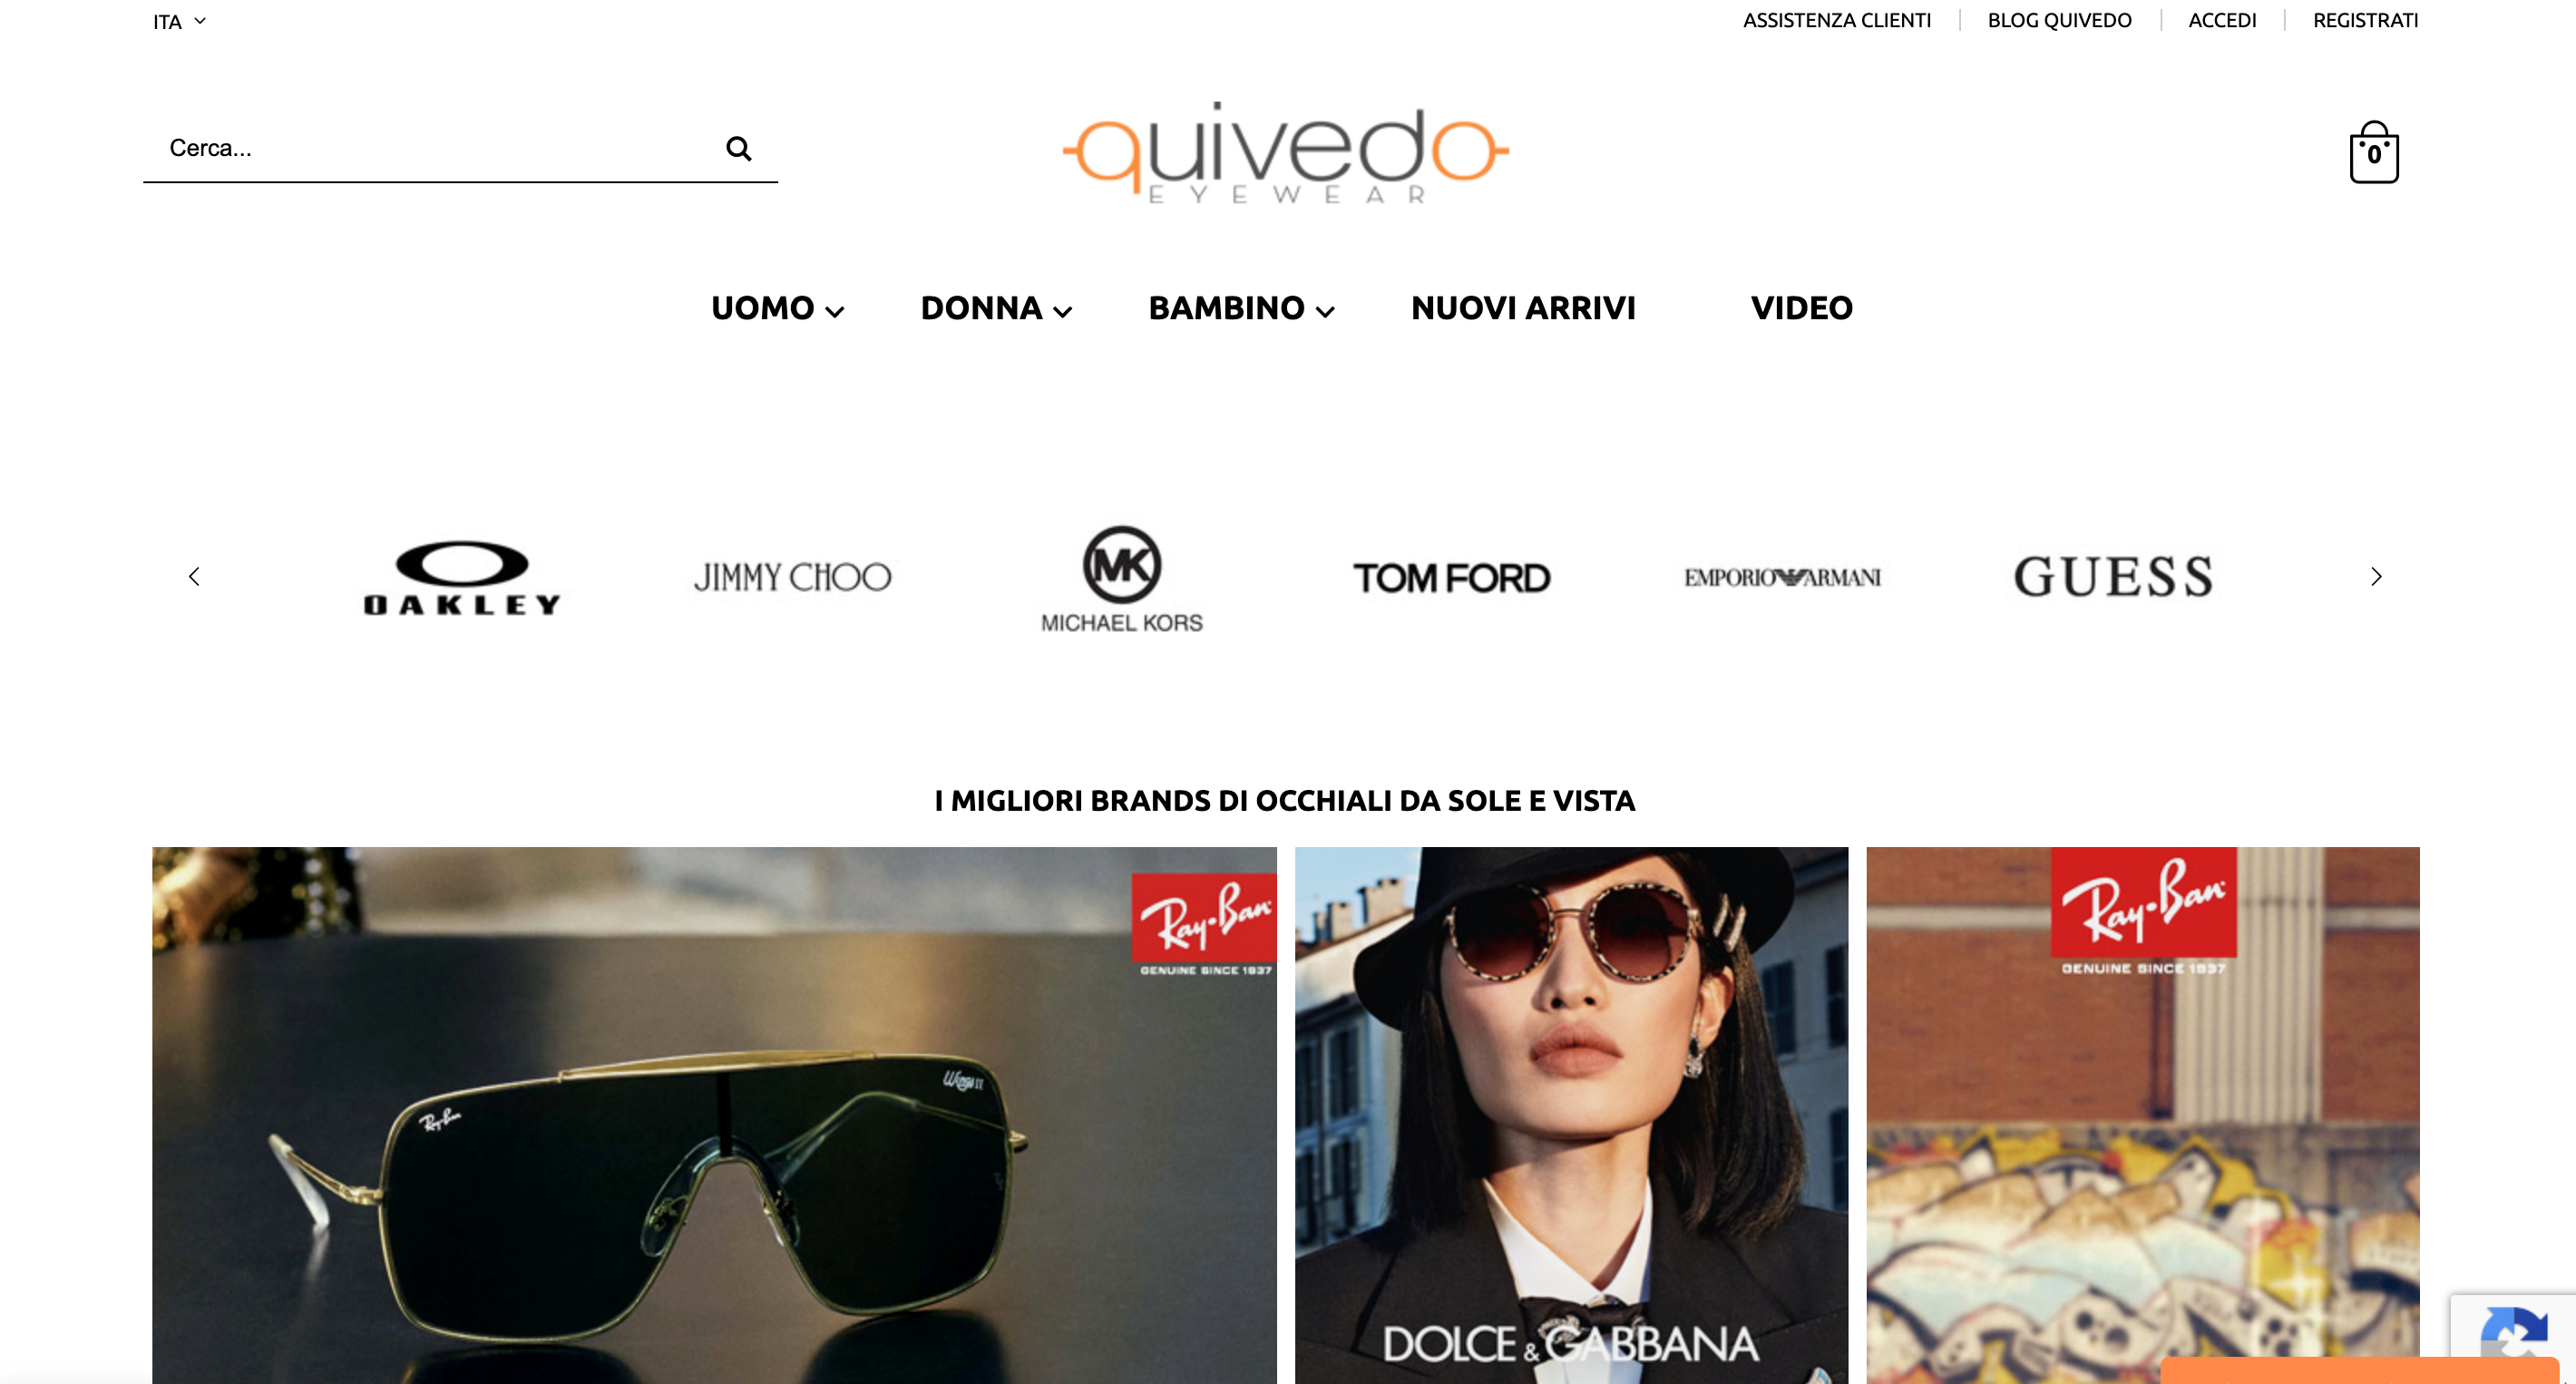 Quivedo